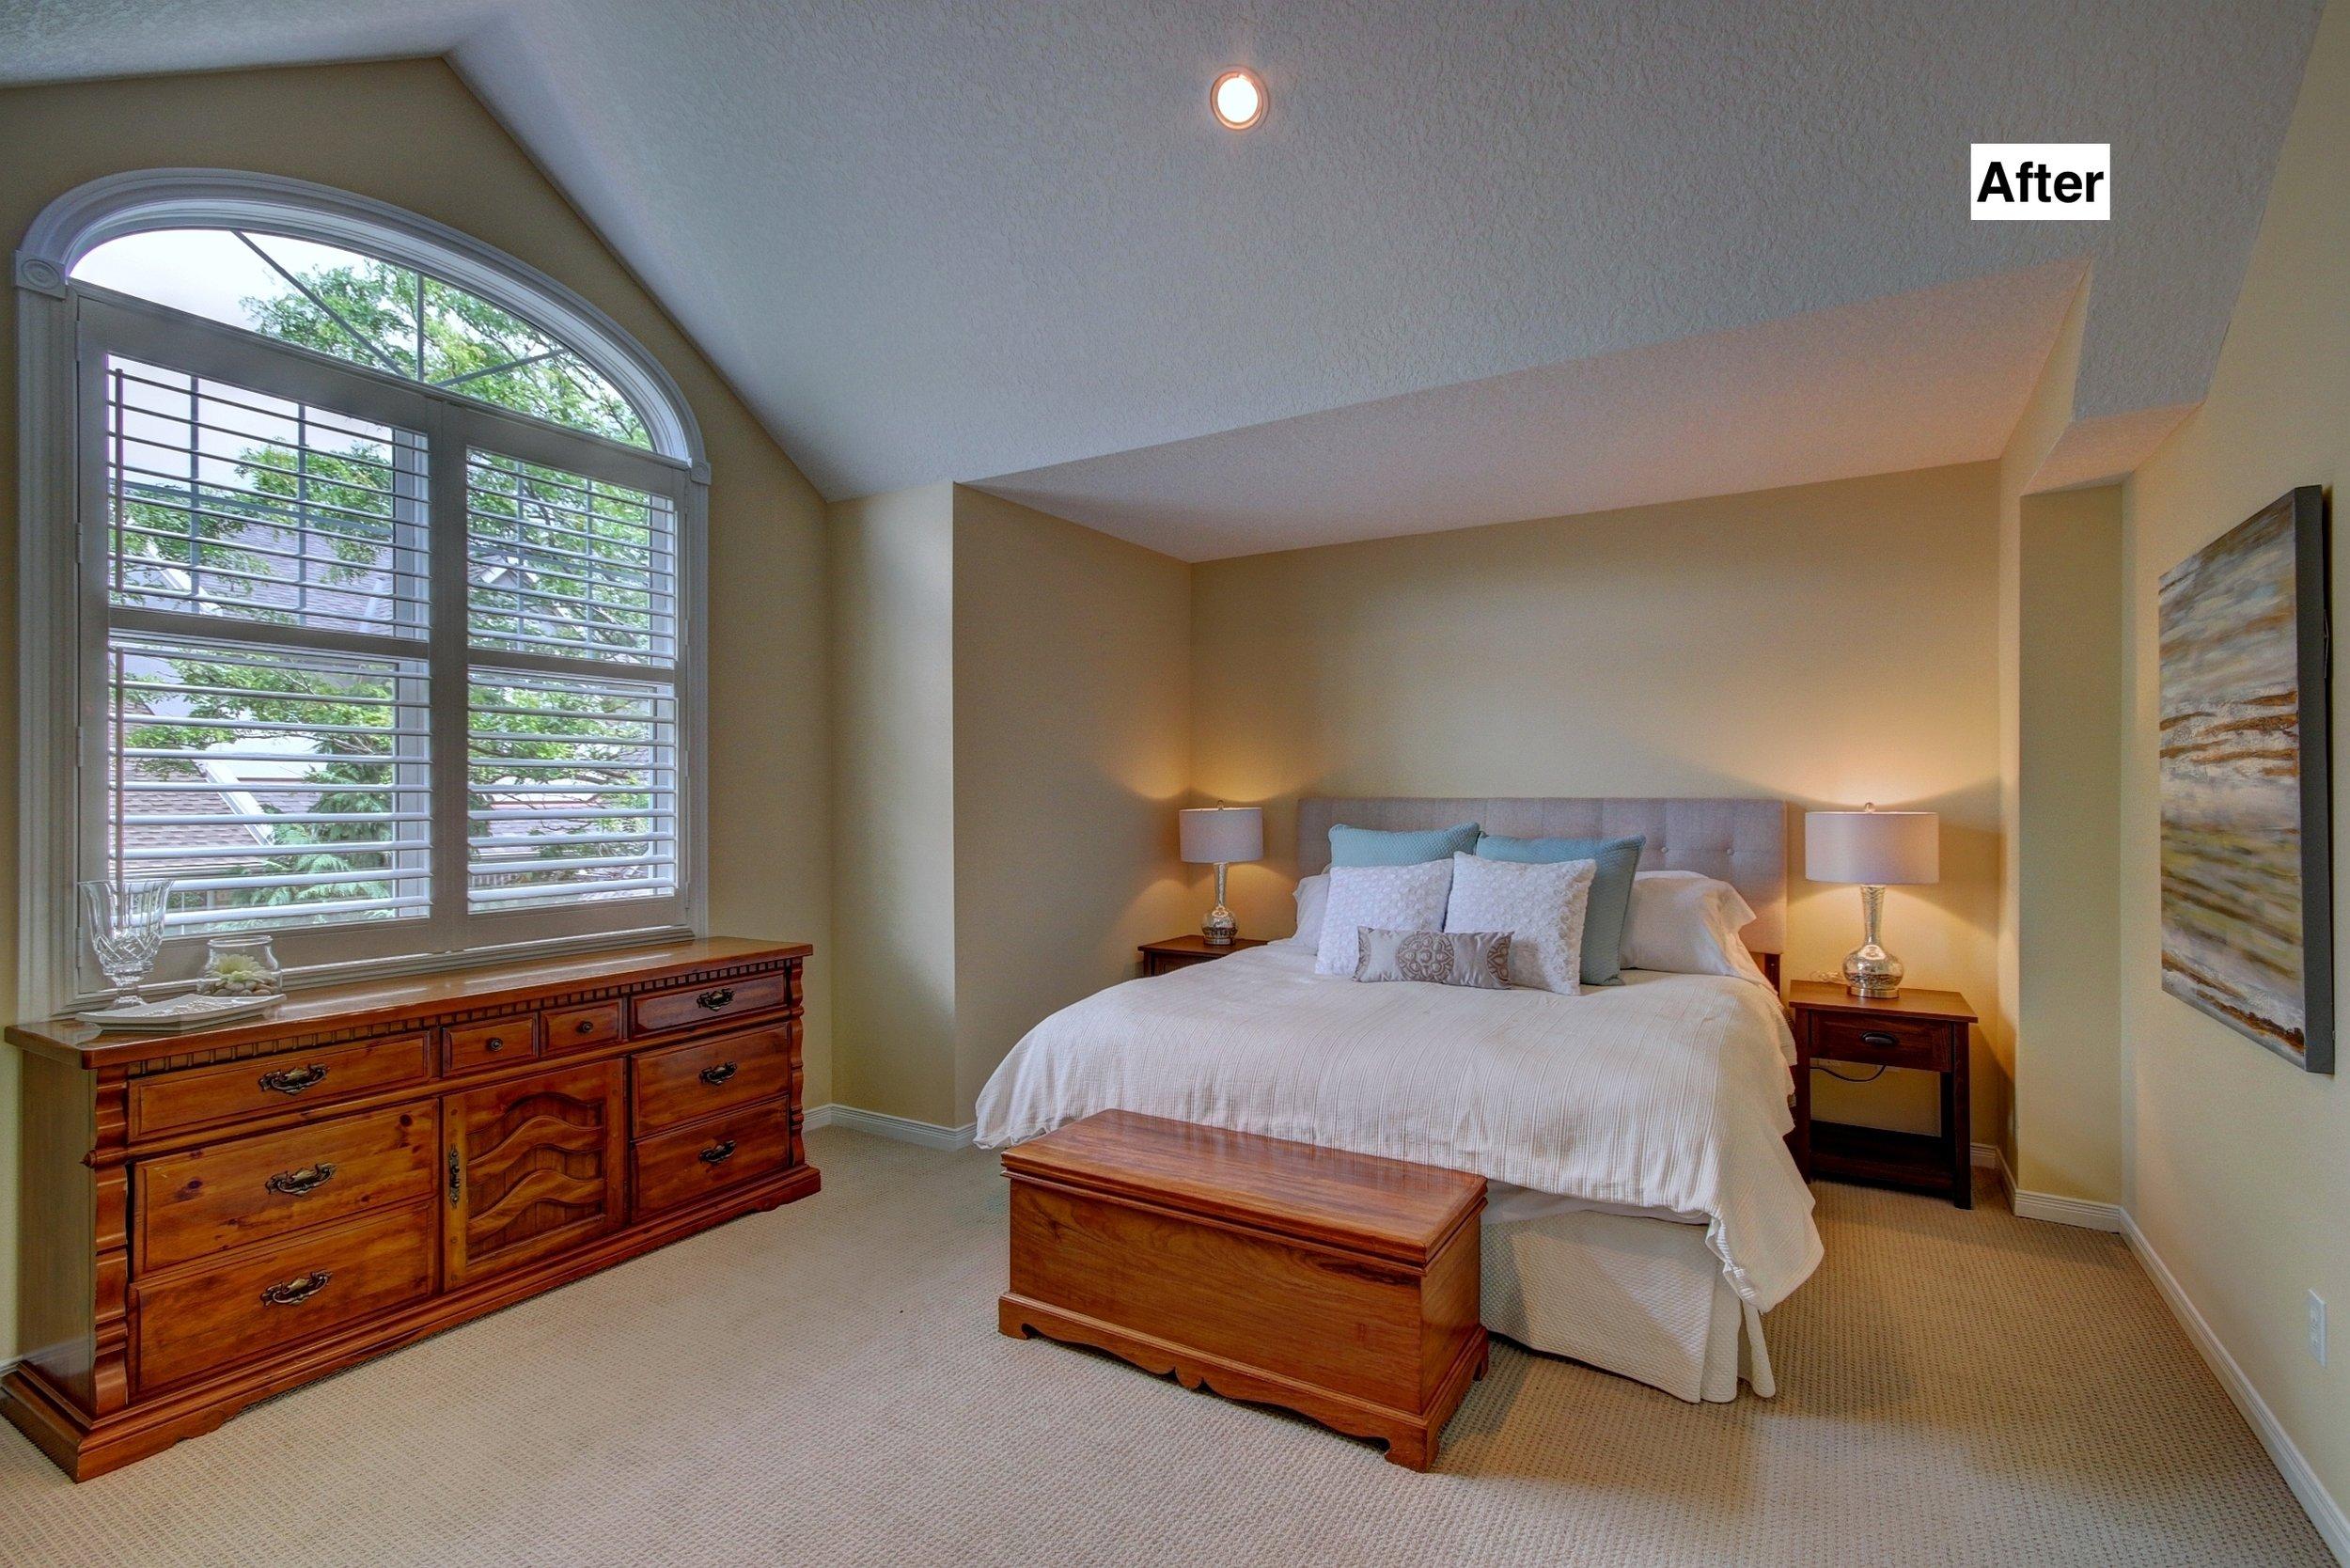 FR master bedroom - after.jpg